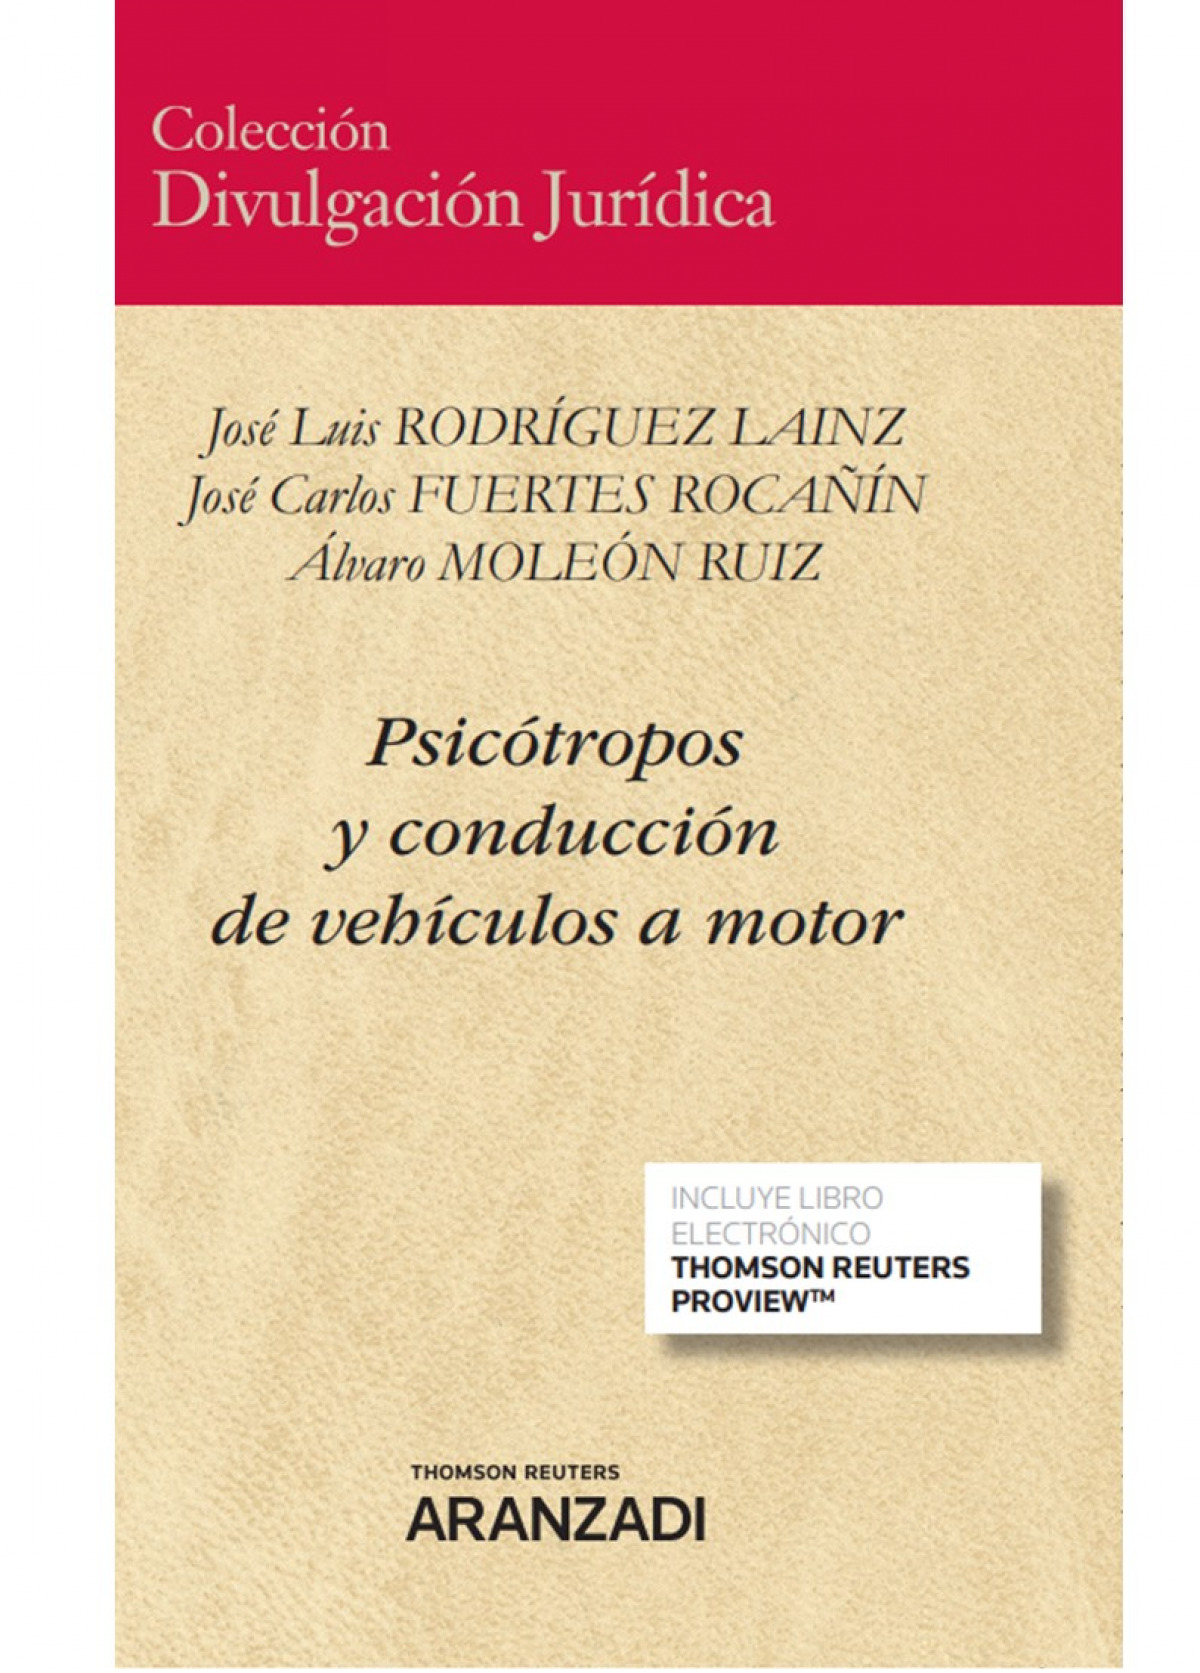 PSICOTROPOS Y CONDUCCION DE VEHICULOS A MOTOR DUO